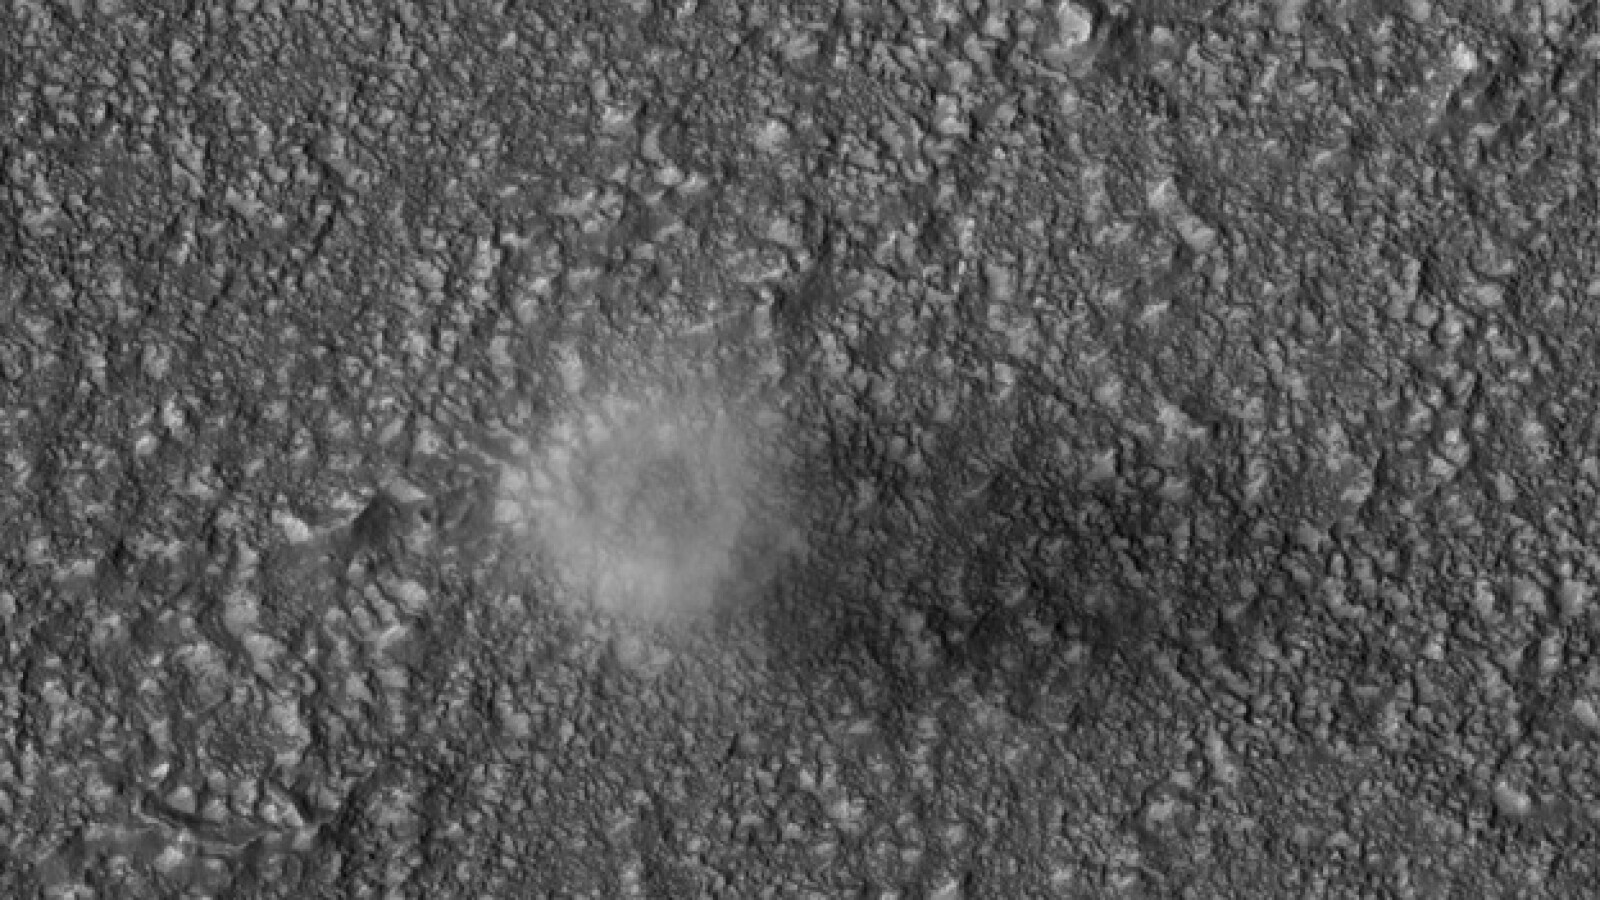 Marte Mars